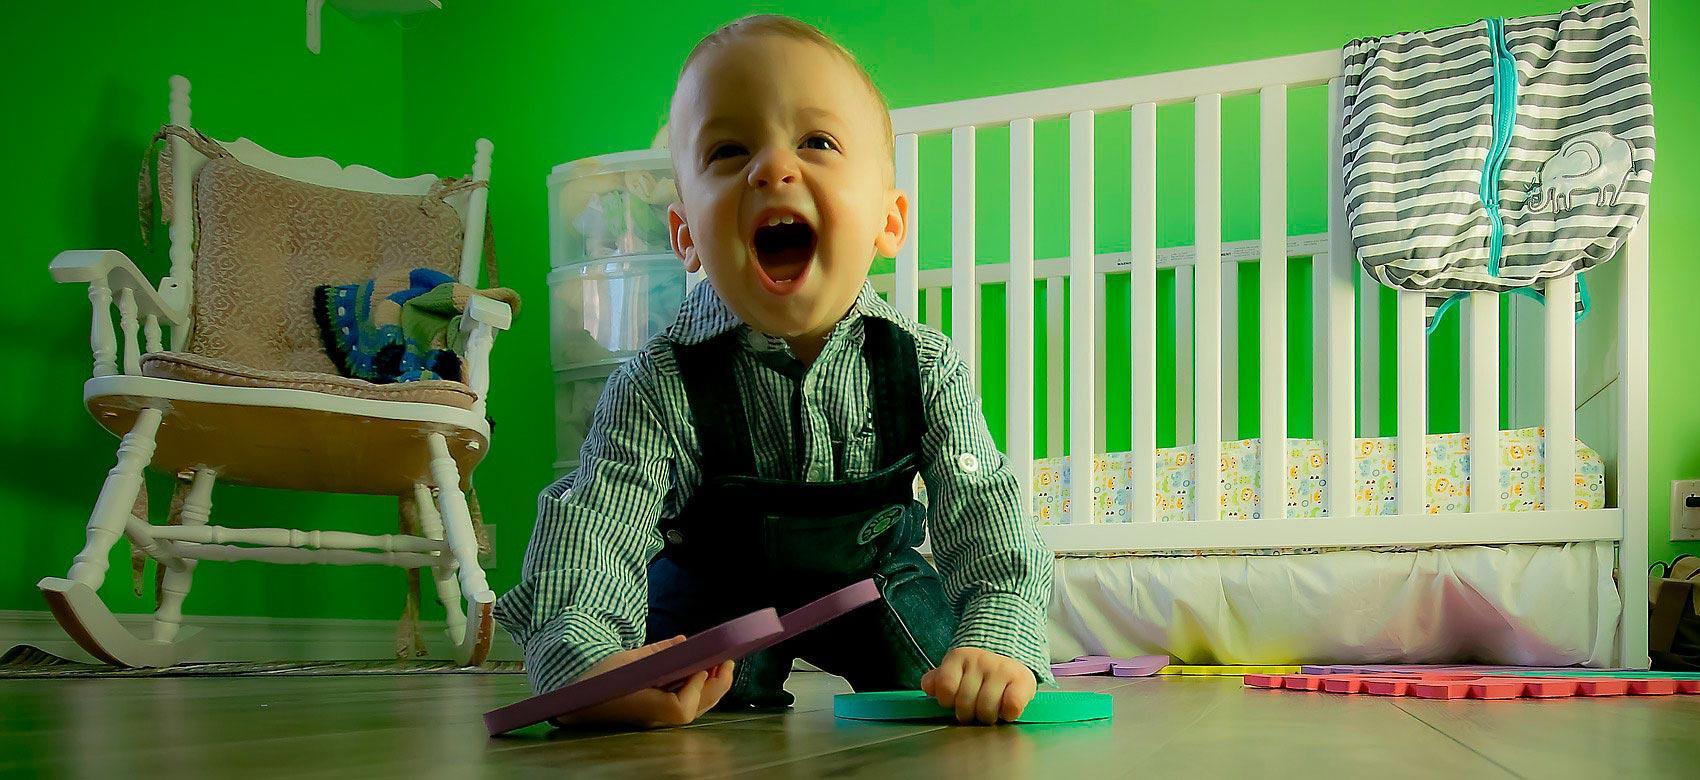 Niño contento jugando en una habitación